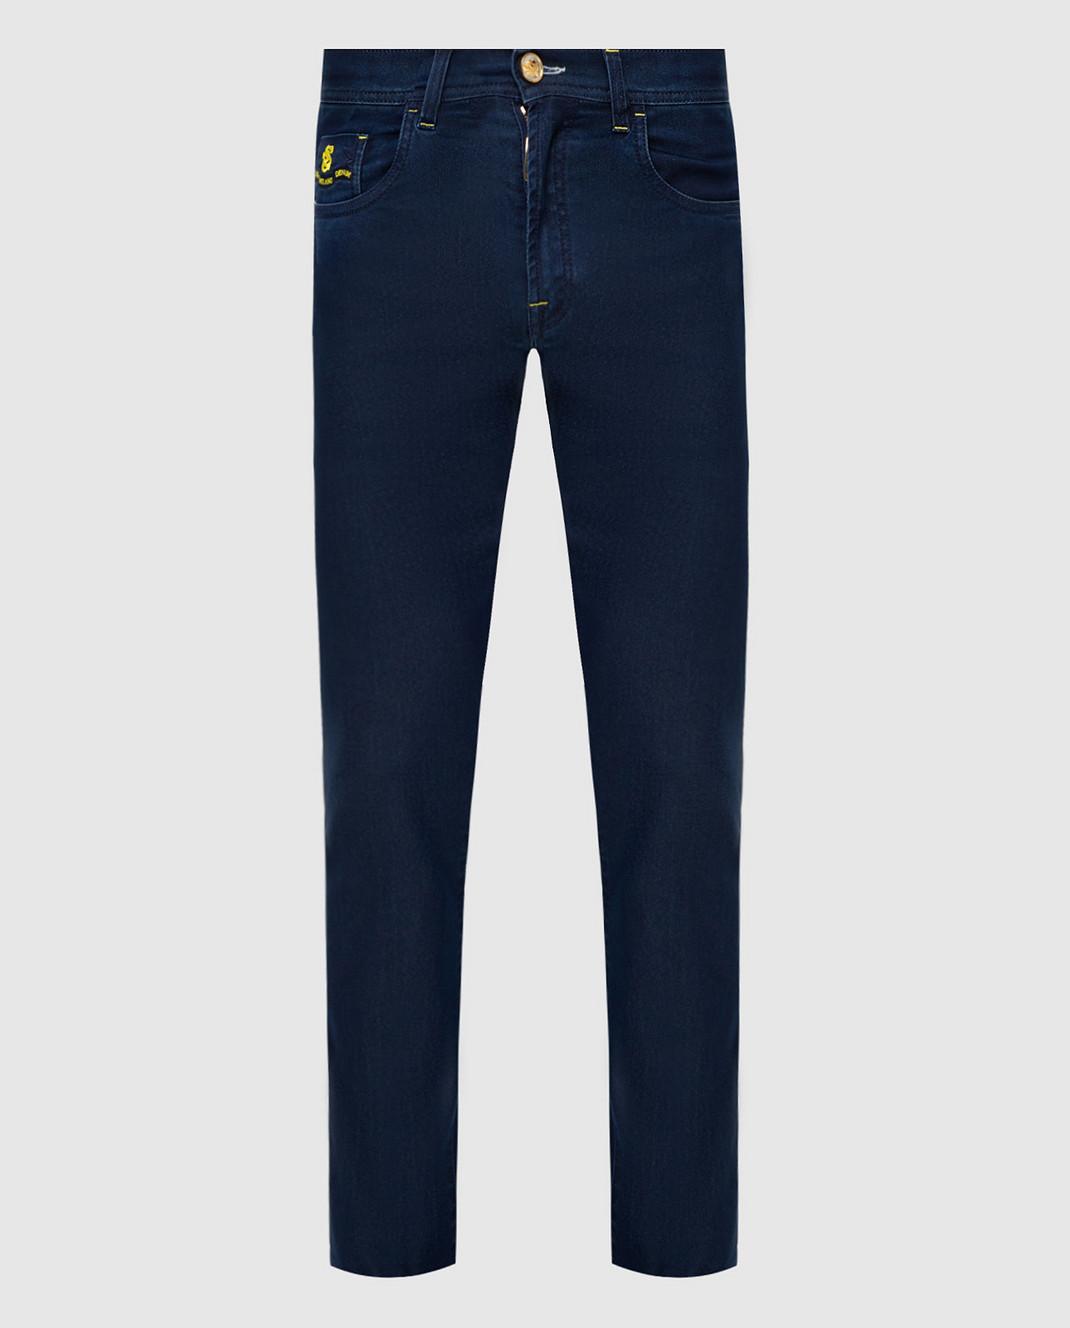 Scissor Scriptor Темно-синие джинсы изображение 1